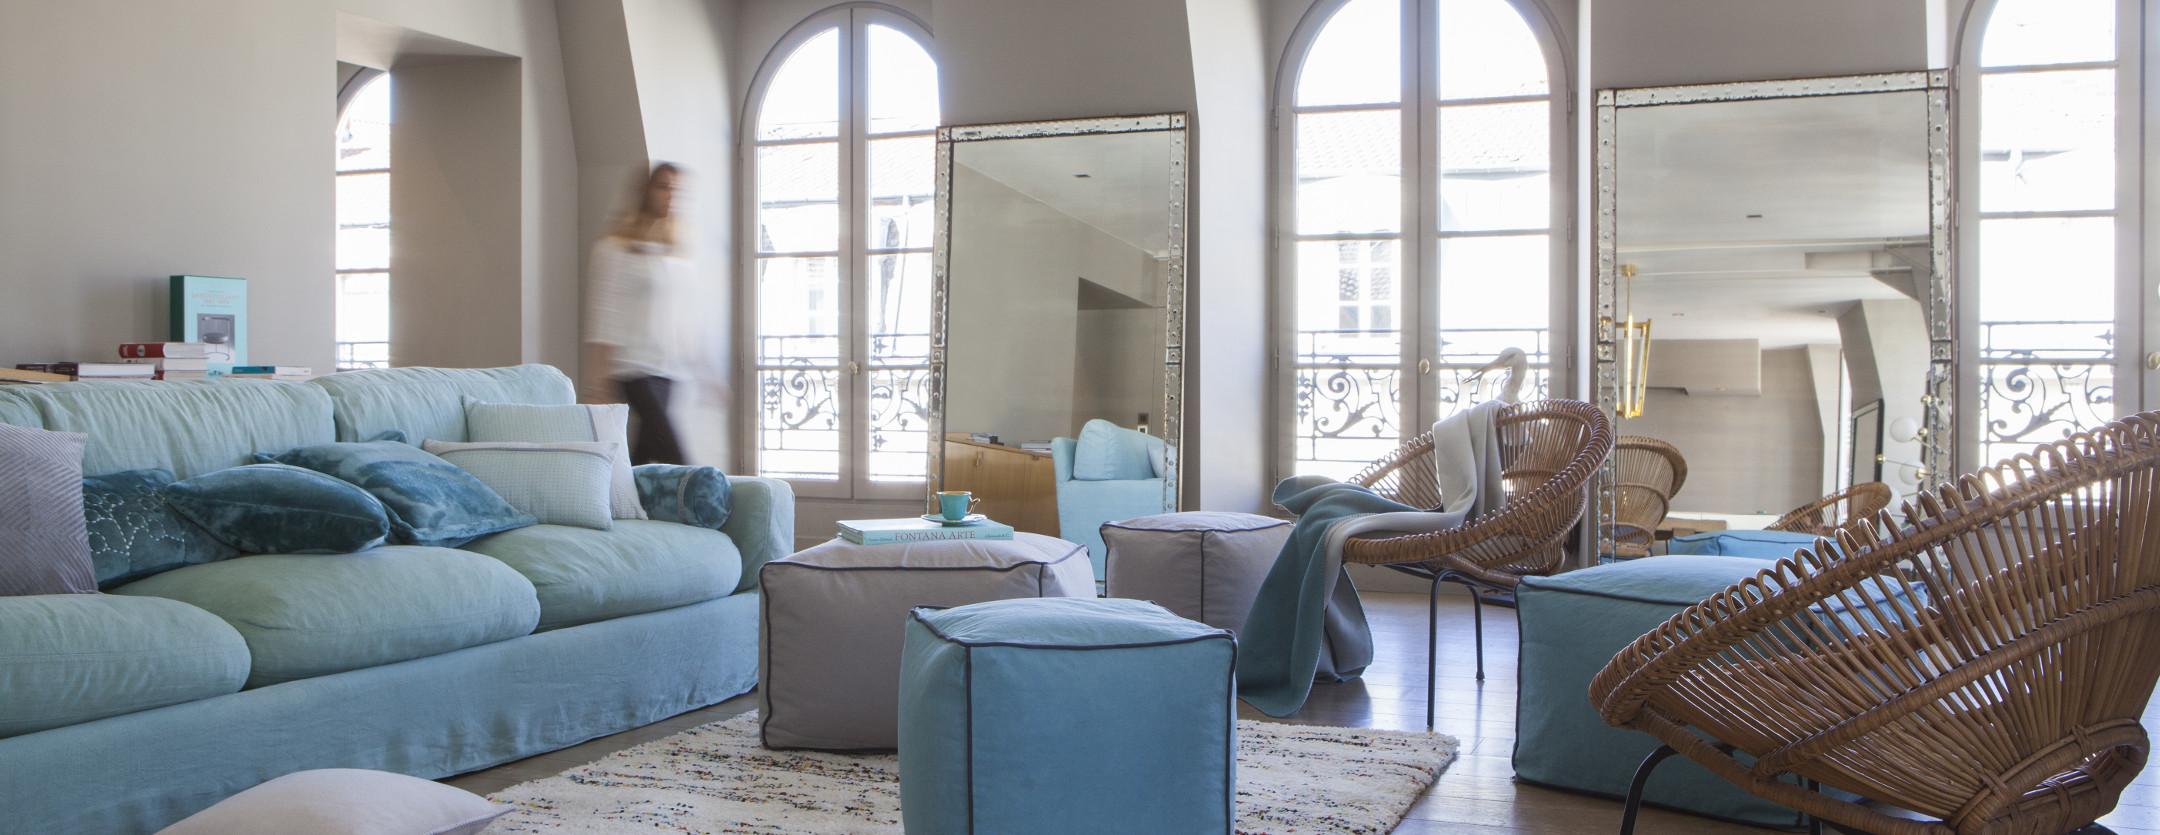 winkler sde. Black Bedroom Furniture Sets. Home Design Ideas